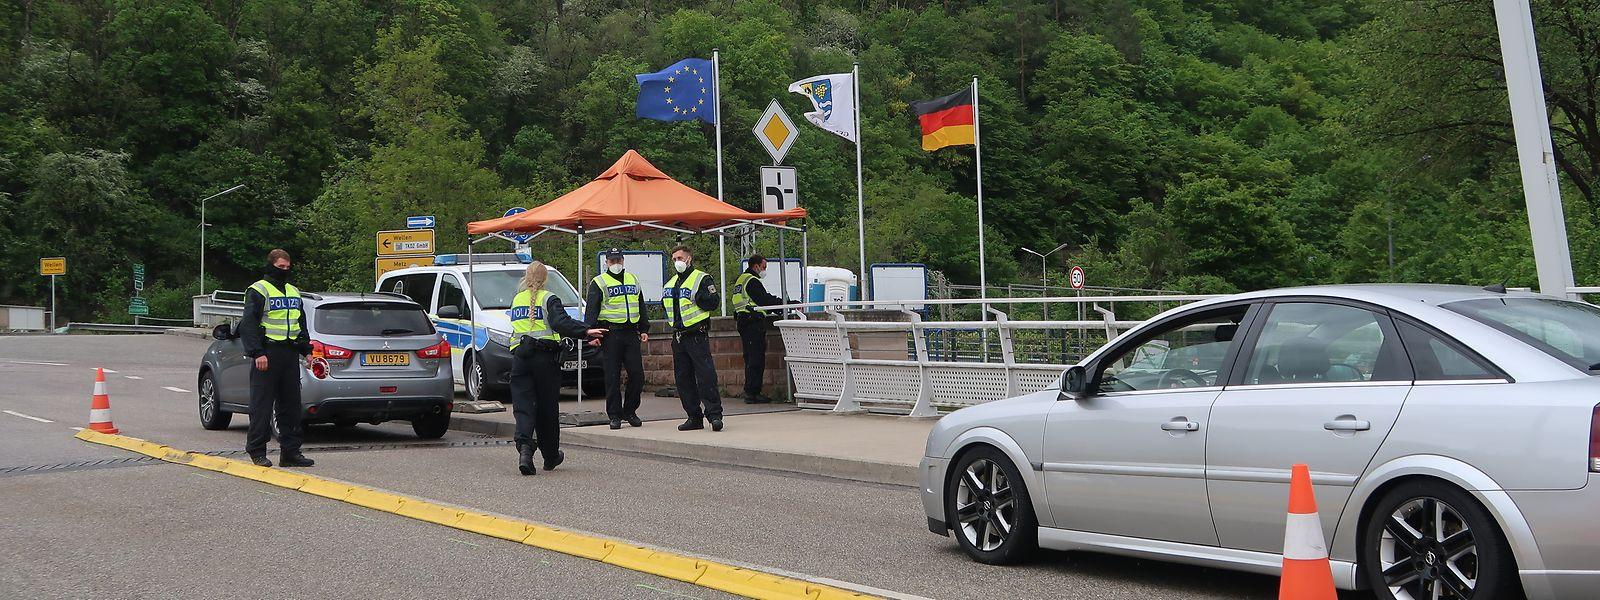 Polizisten an der Moselbrücke bei Grevenmacher: Nach Ansicht der Bürgermeister an Our, Sauer und Mosel hat die Grenzschließung erheblichen Schaden angerichtet.